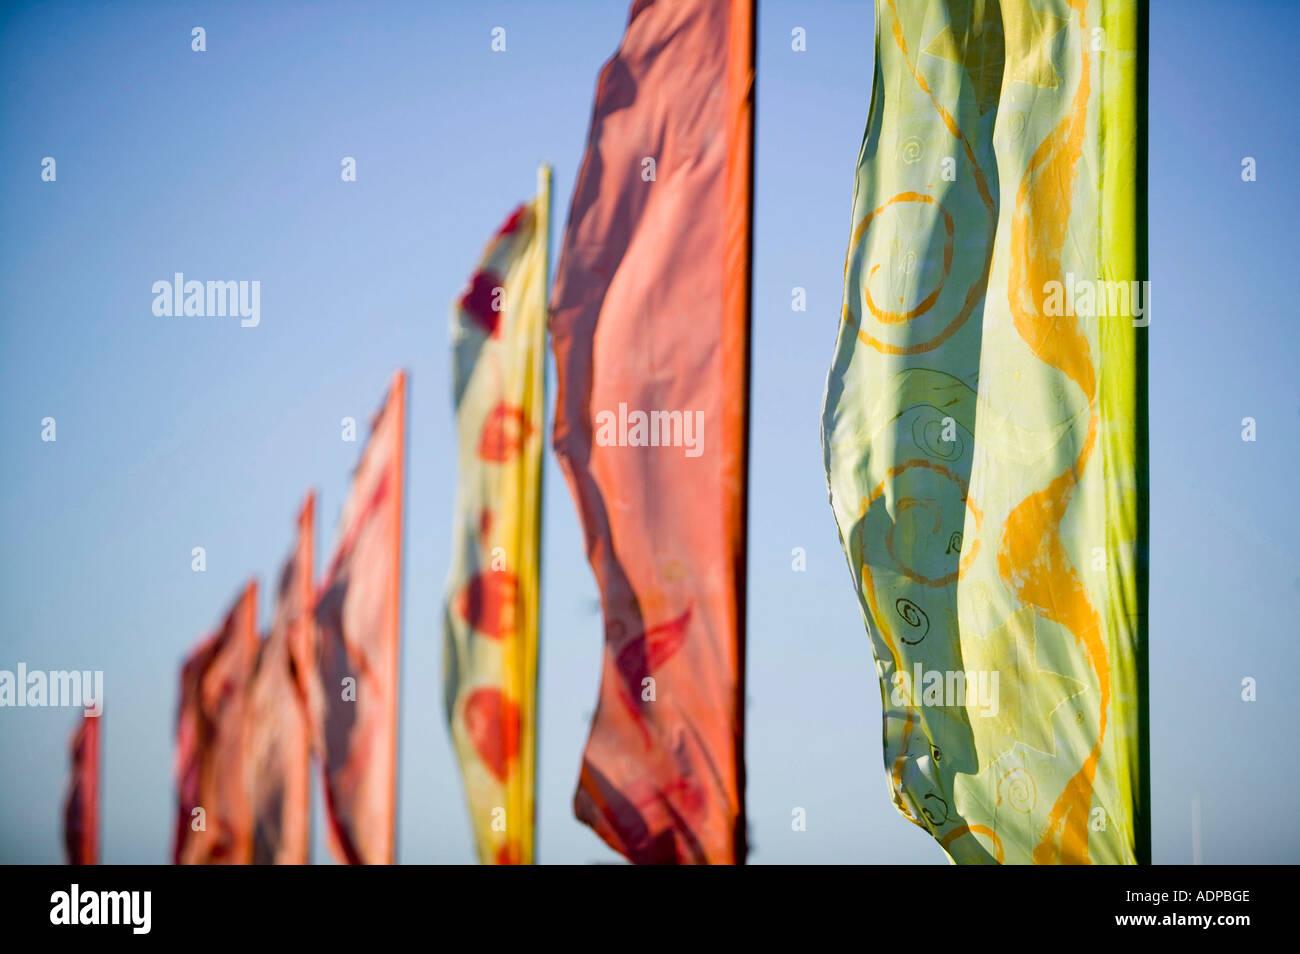 Banderas de la Appledore festival, north Devon, Reino Unido Imagen De Stock